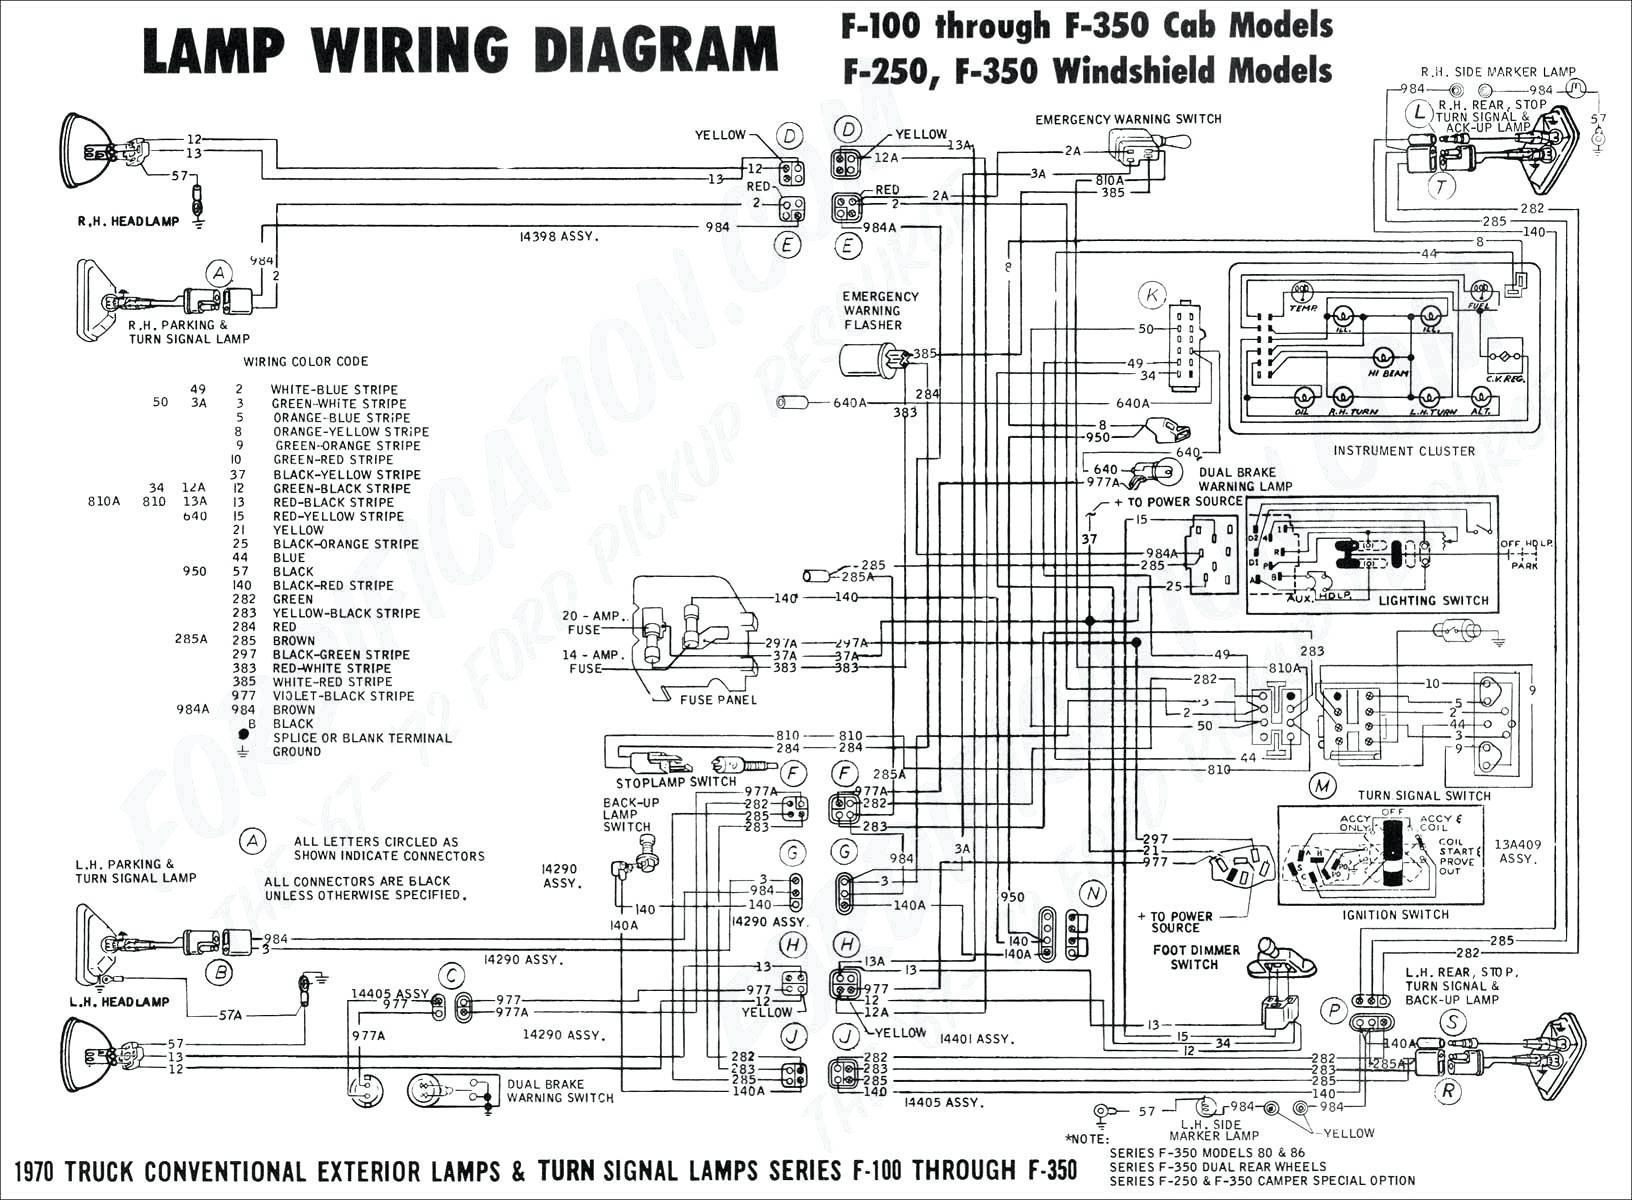 Chevy Truck Parts Diagram 2006 Chevy Silverado Parts Diagram Wiring Diagram Datasource